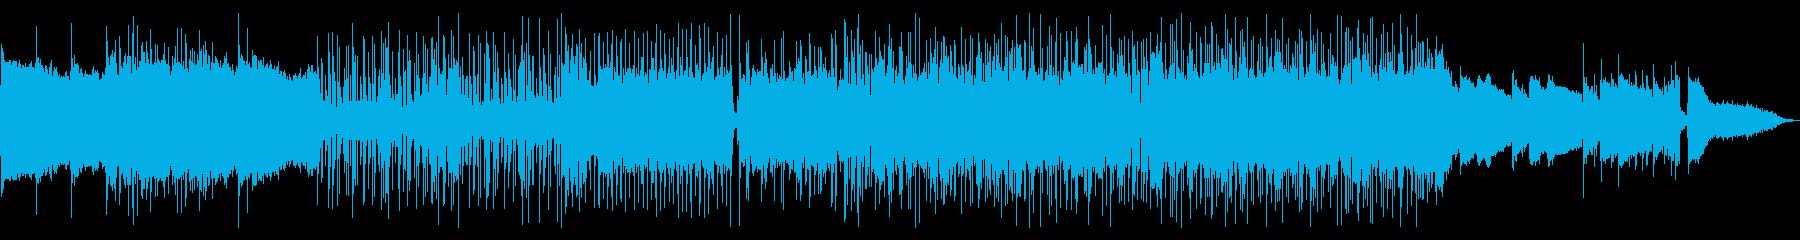 ギターが主役の和風インストゥルメンタルの再生済みの波形